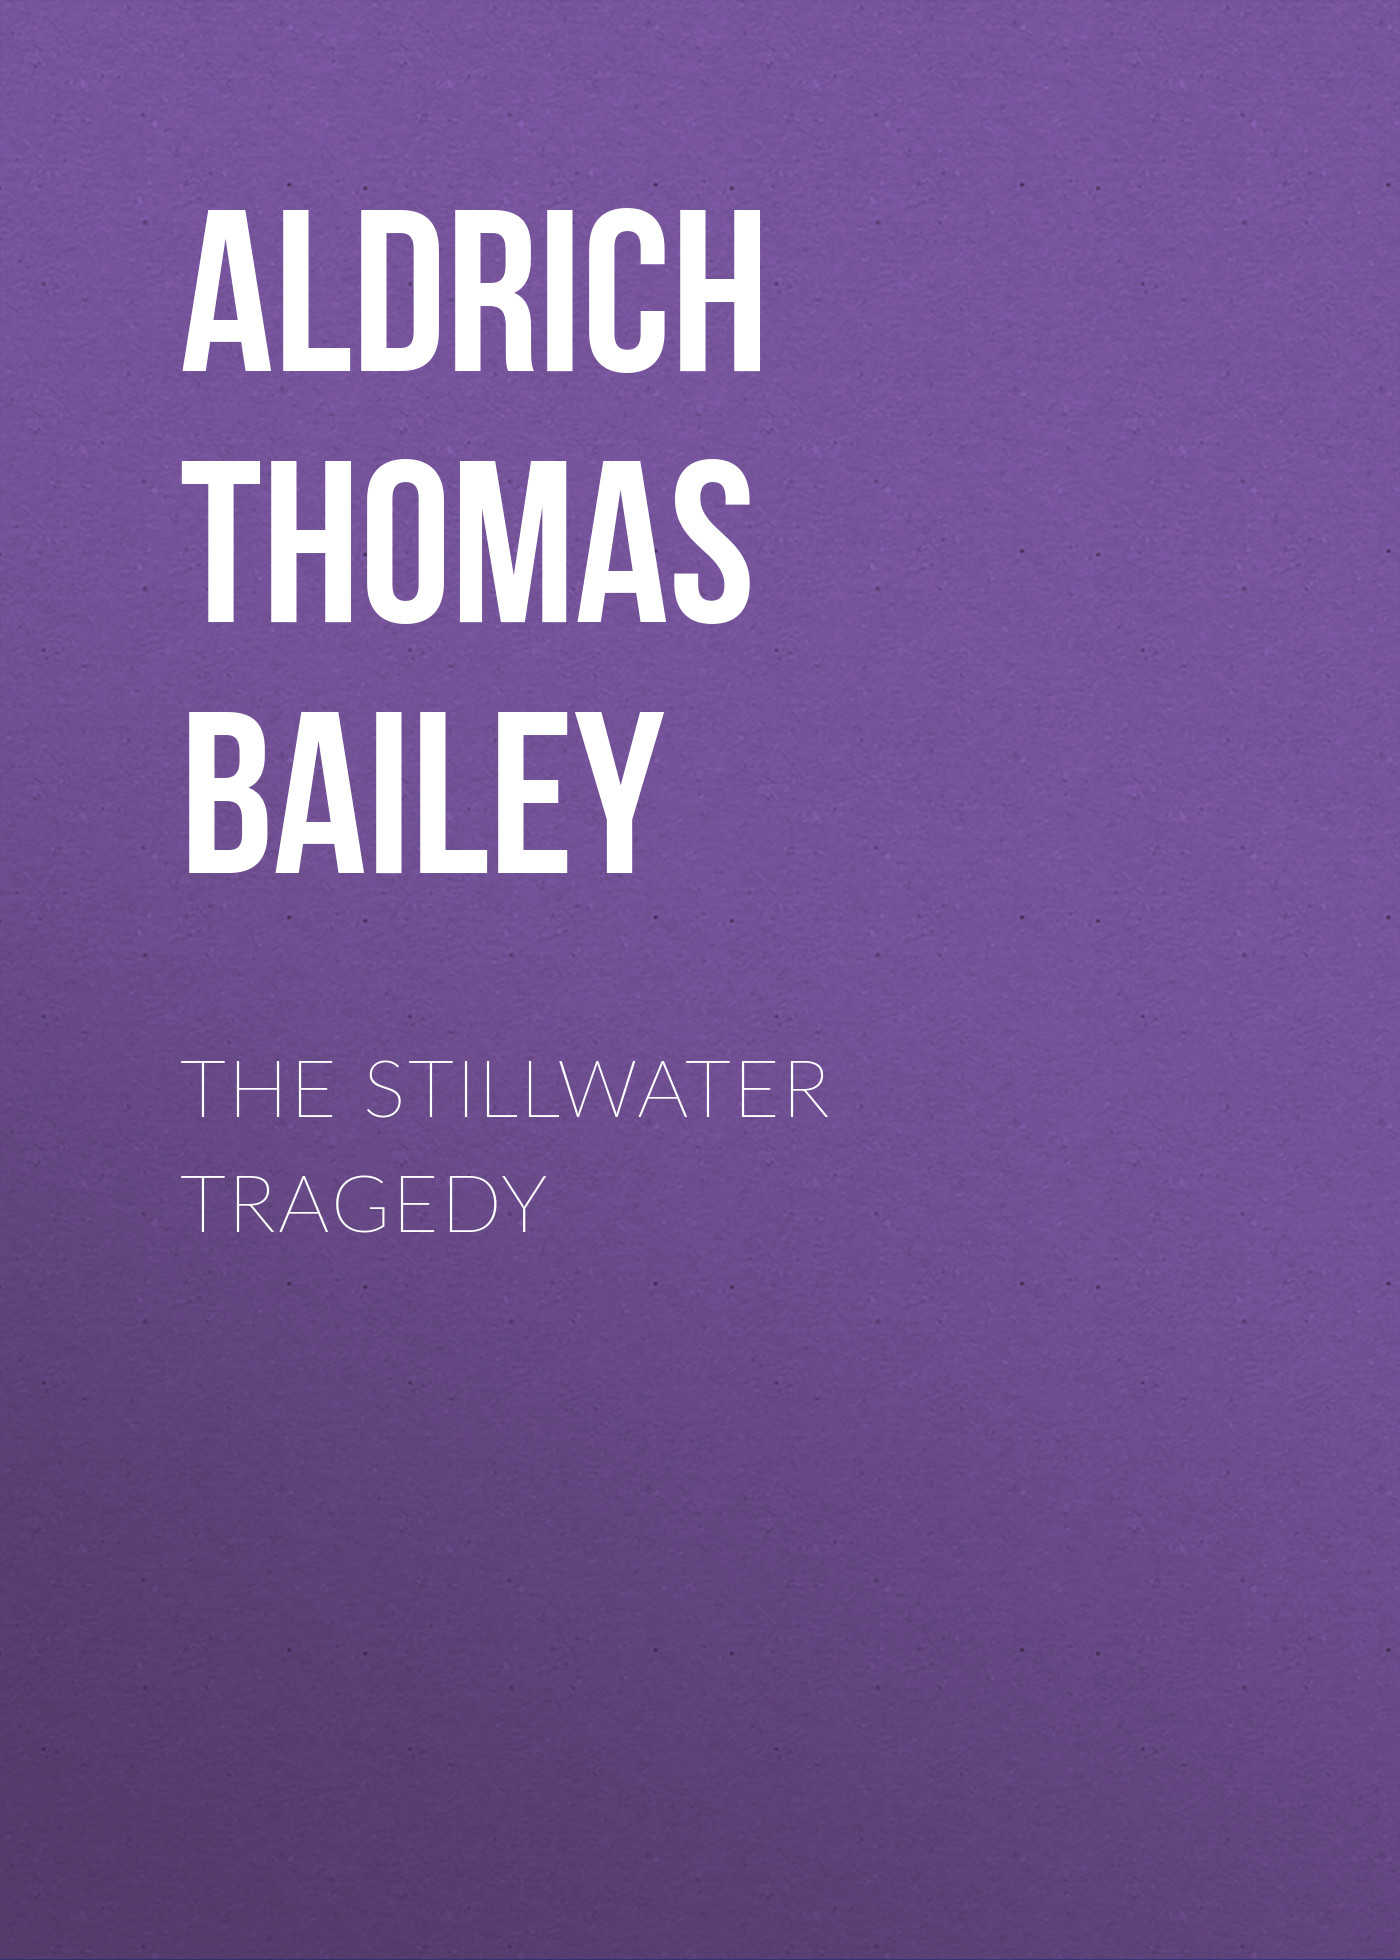 Aldrich Thomas Bailey The Stillwater Tragedy aldrich thomas bailey wyndham towers